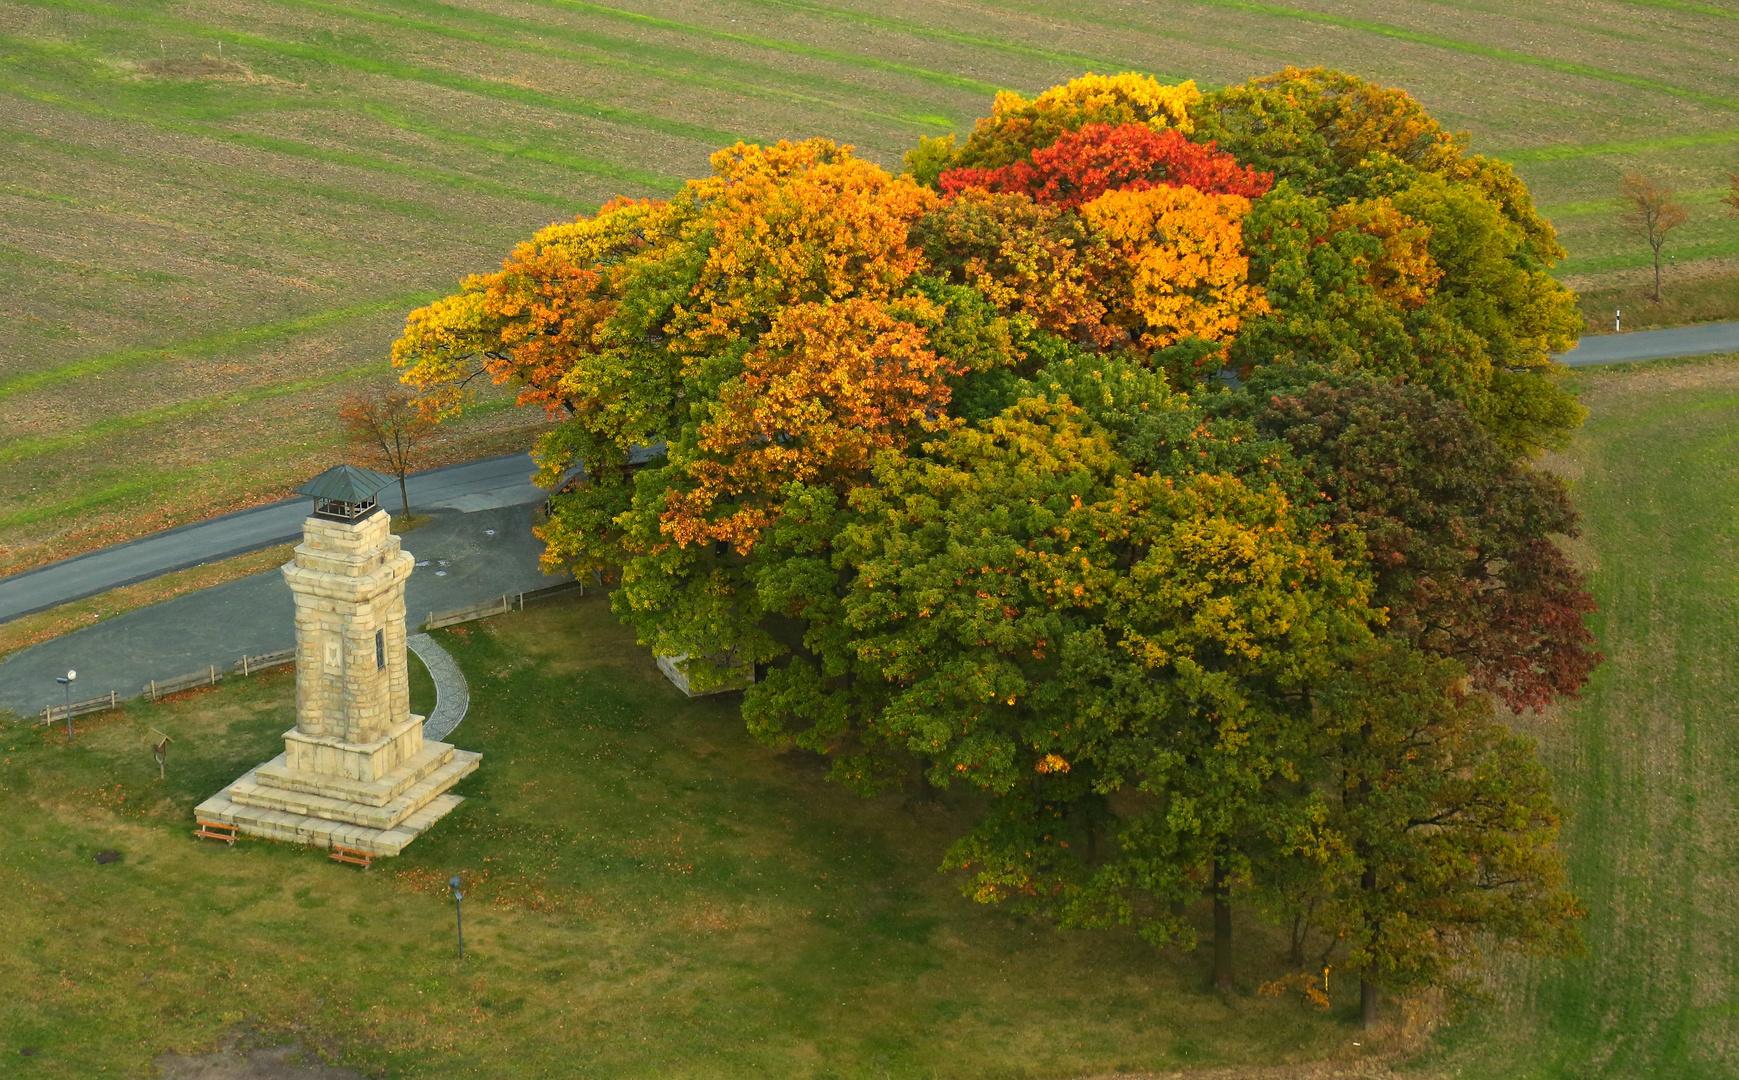 Bismarcksäule Markneukirchen im Herbst